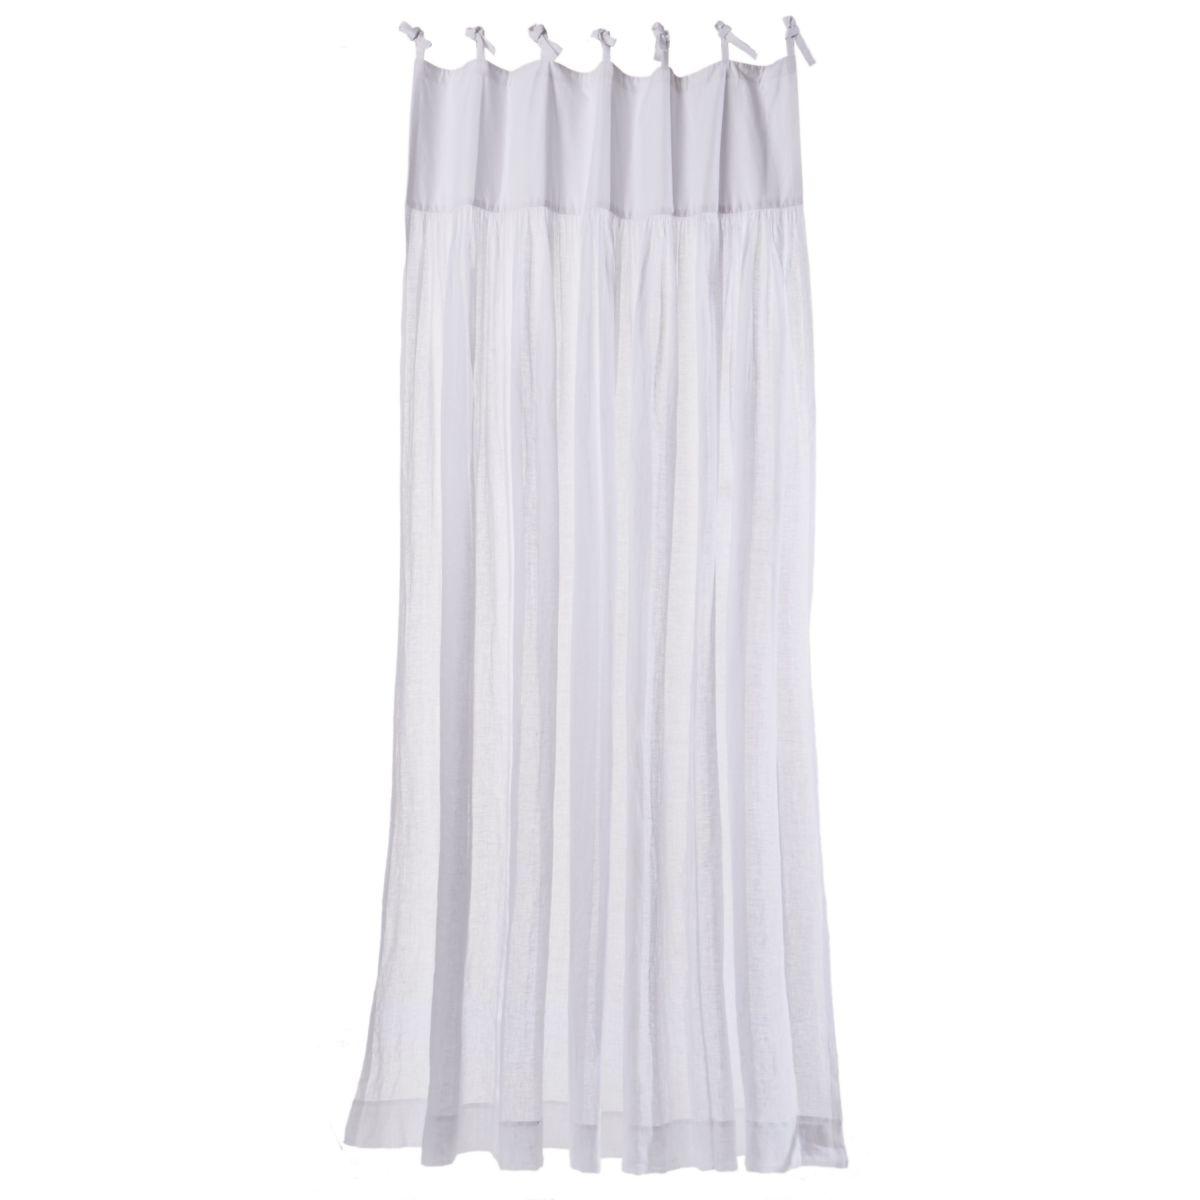 Leinenvorhang, transparent, Schlaufen (Impressionen)